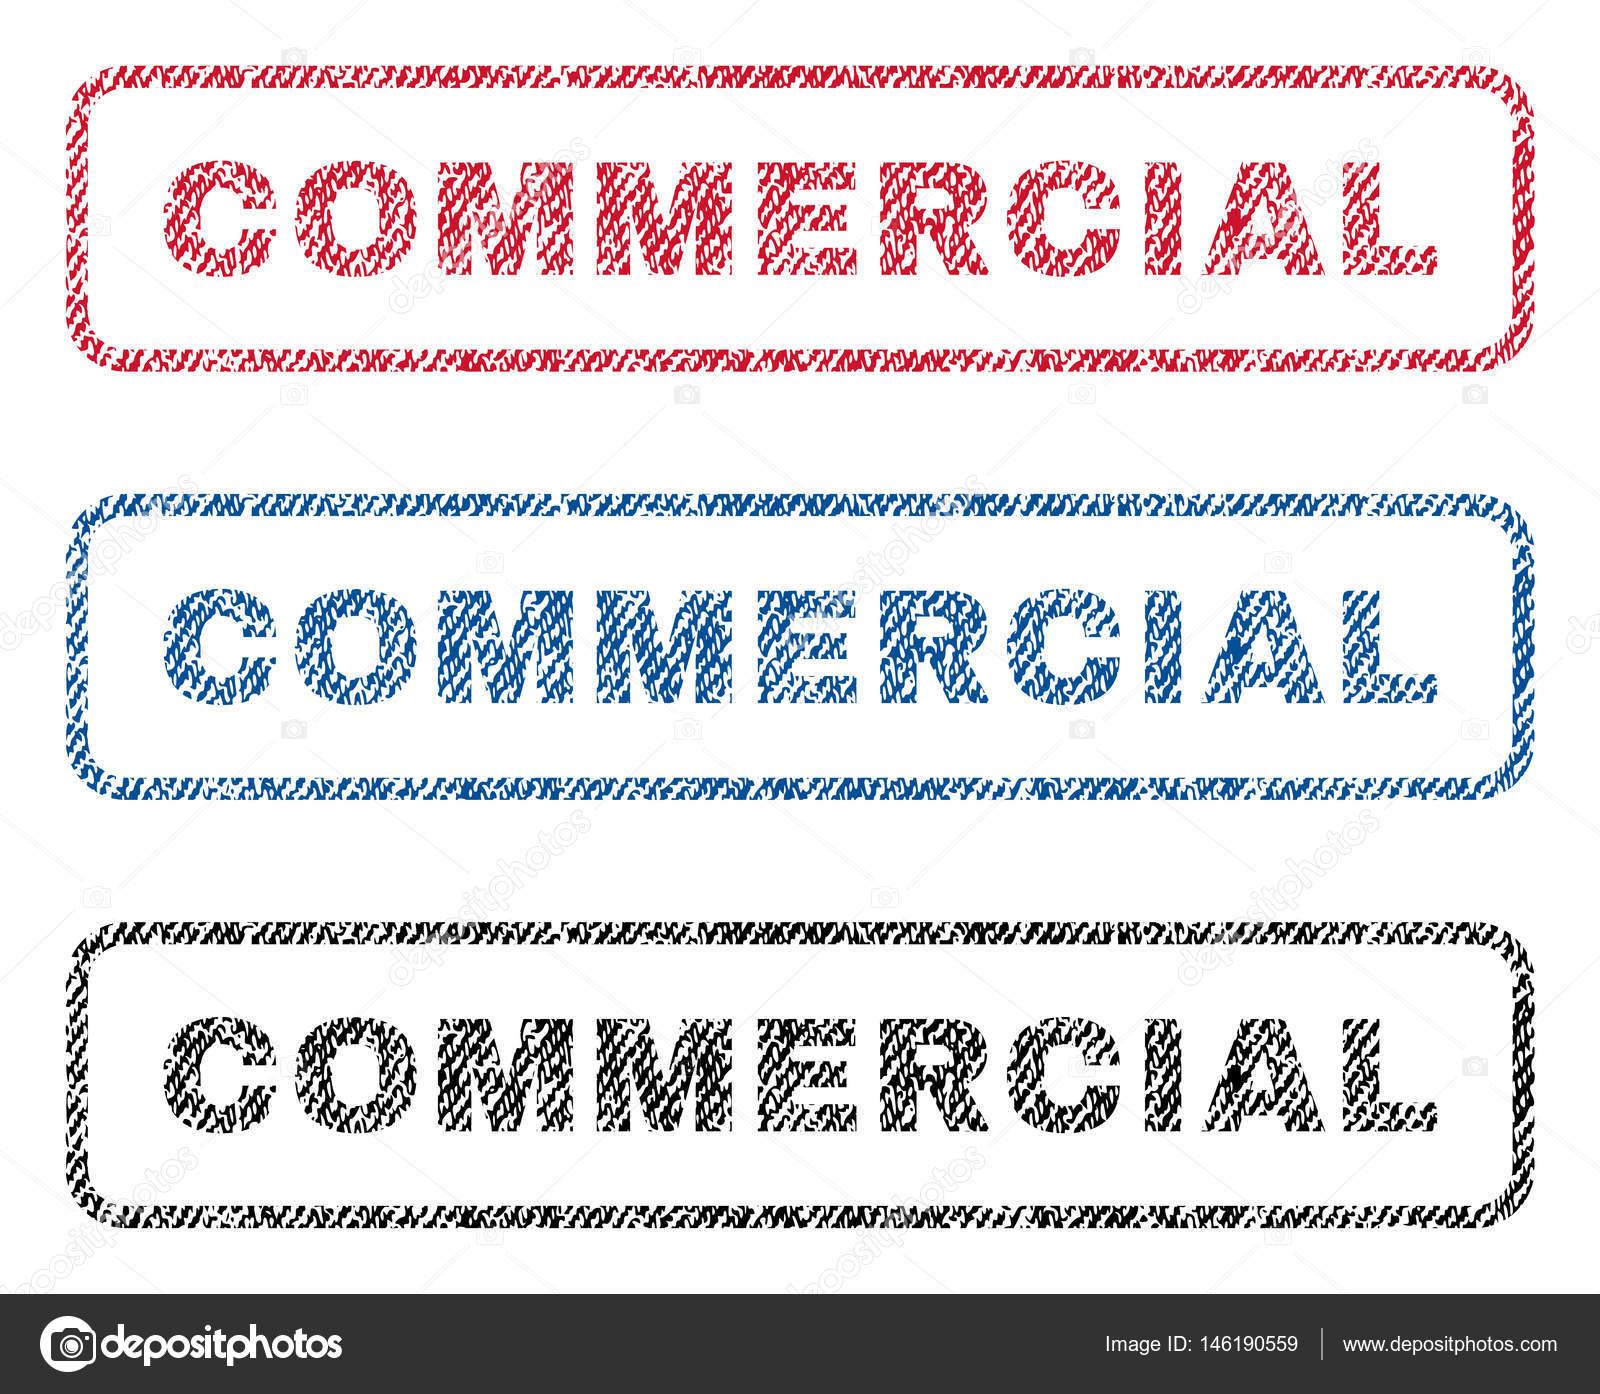 Resultado de imagen de textos comerciales sin royalties